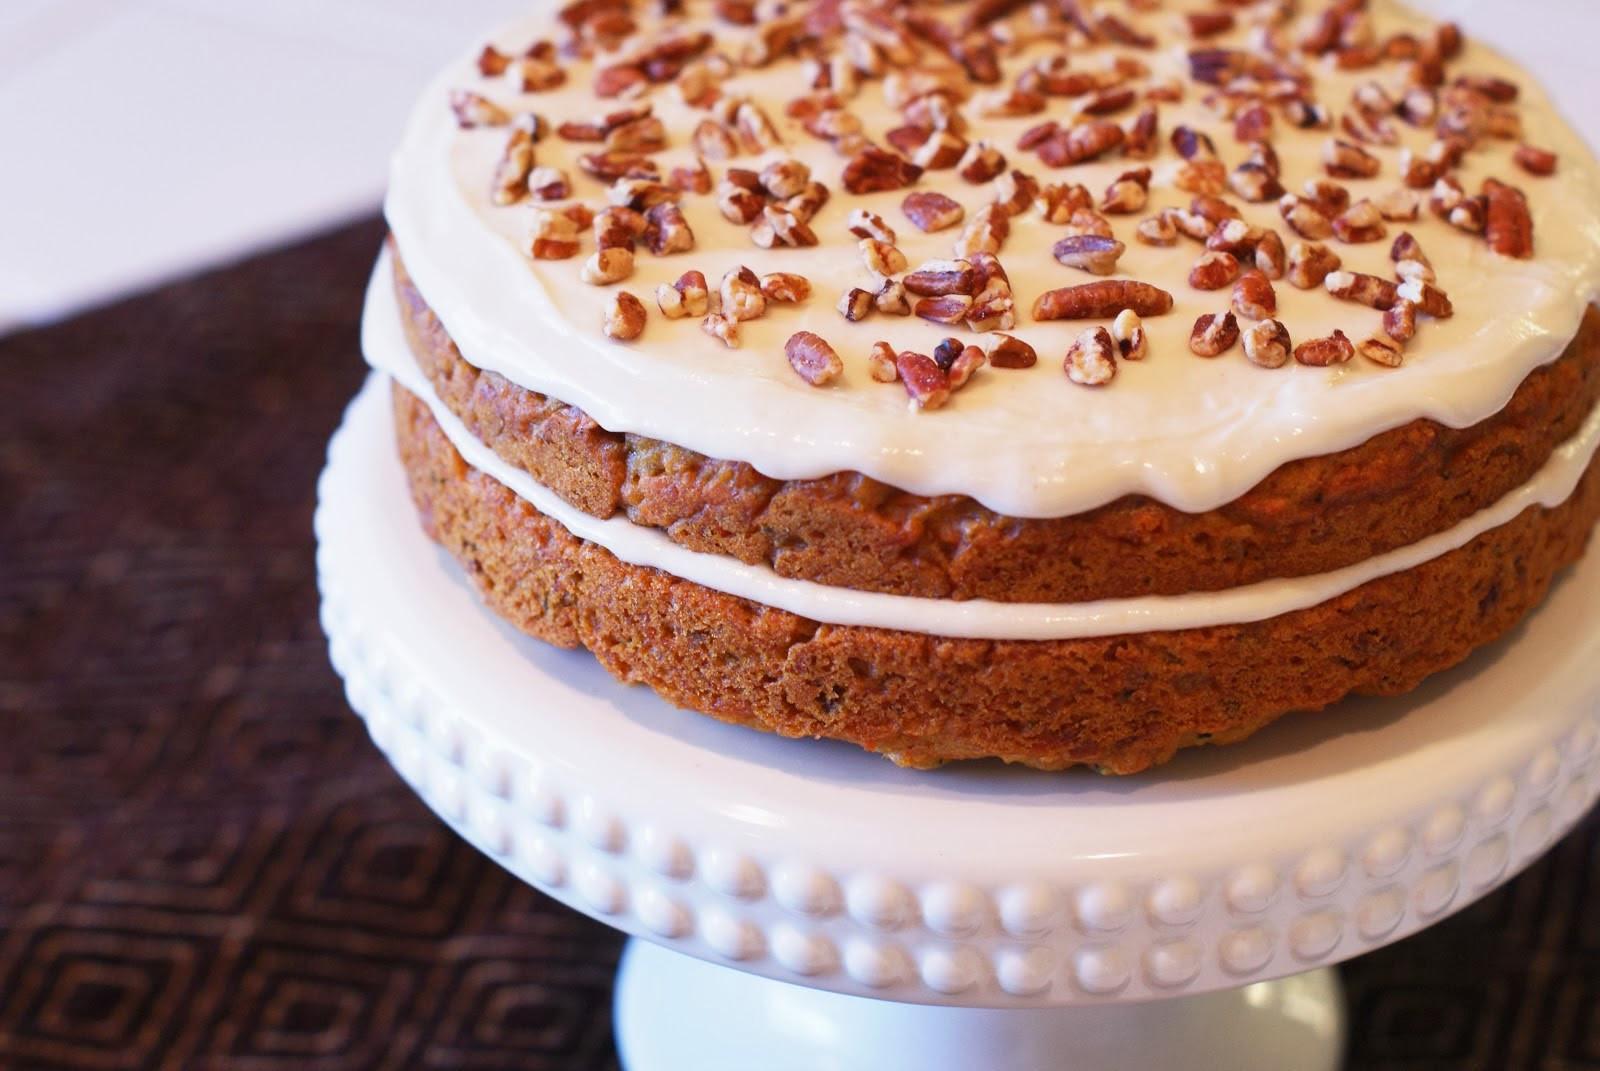 Dairy Free Soy Free Desserts  gluten free vegan thanksgiving desserts Sarah Bakes